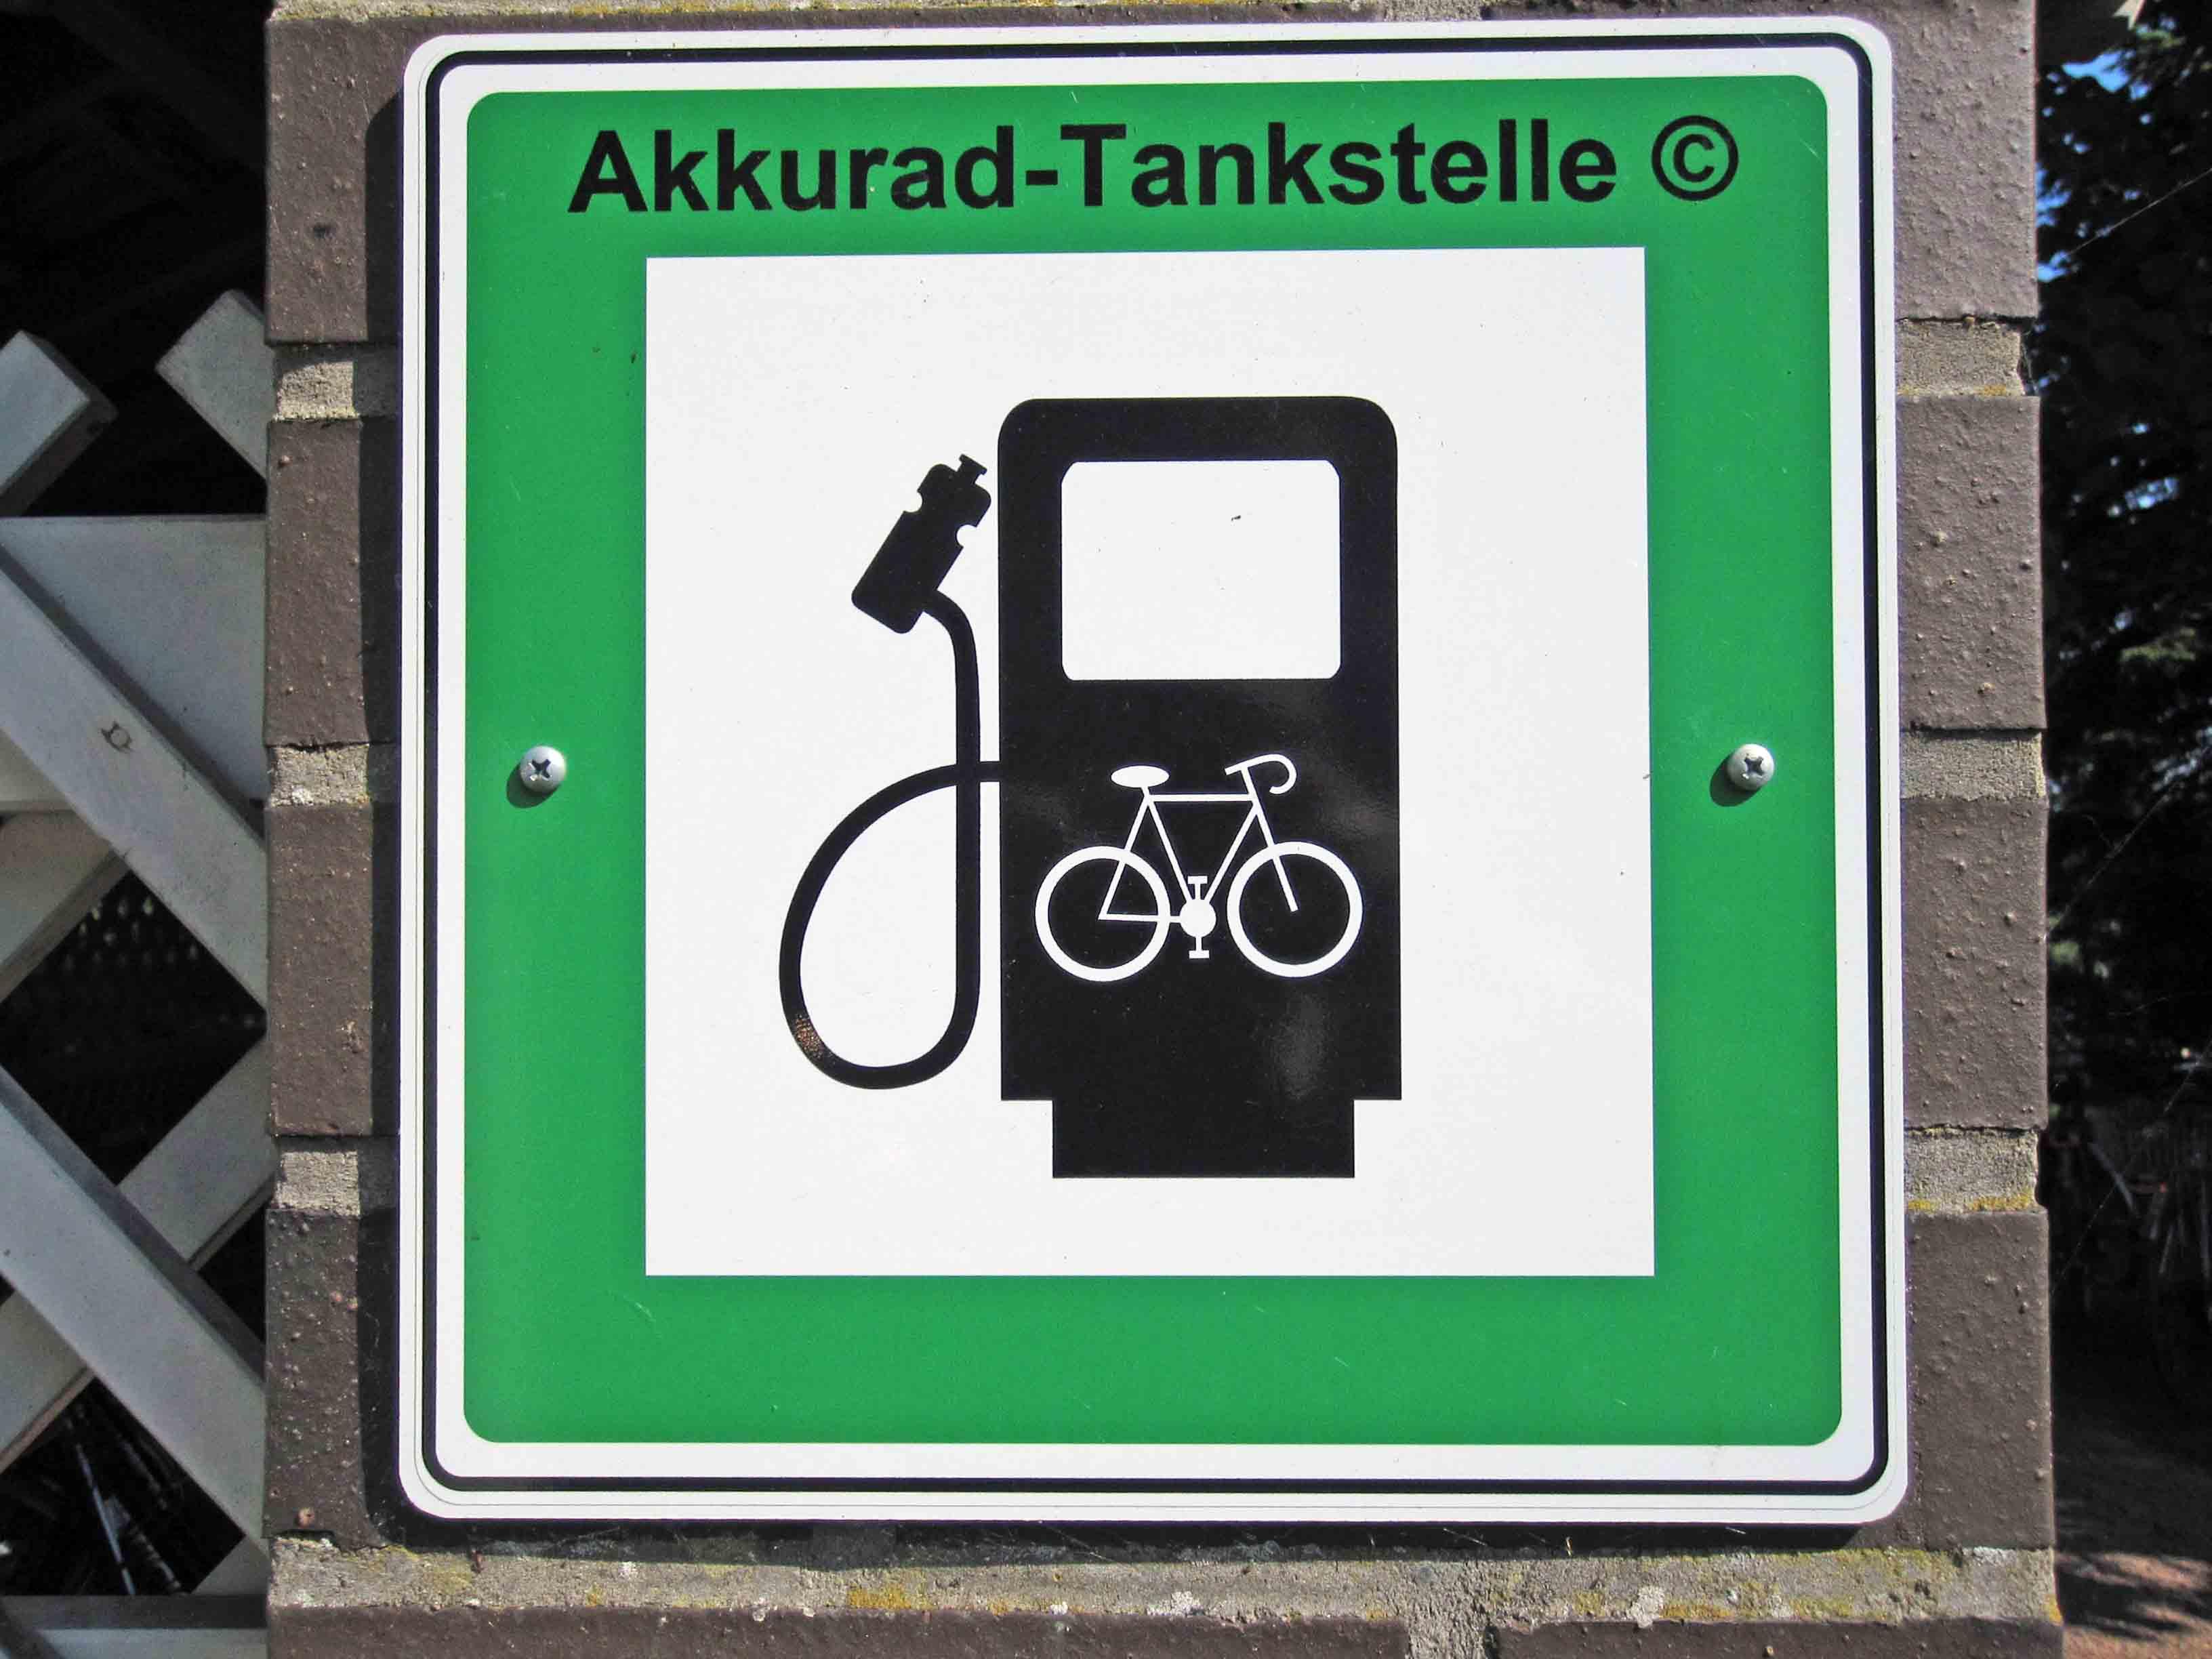 Vom Traktor zum E-Bike: EU-Förderschwerpunkte ändern sich.